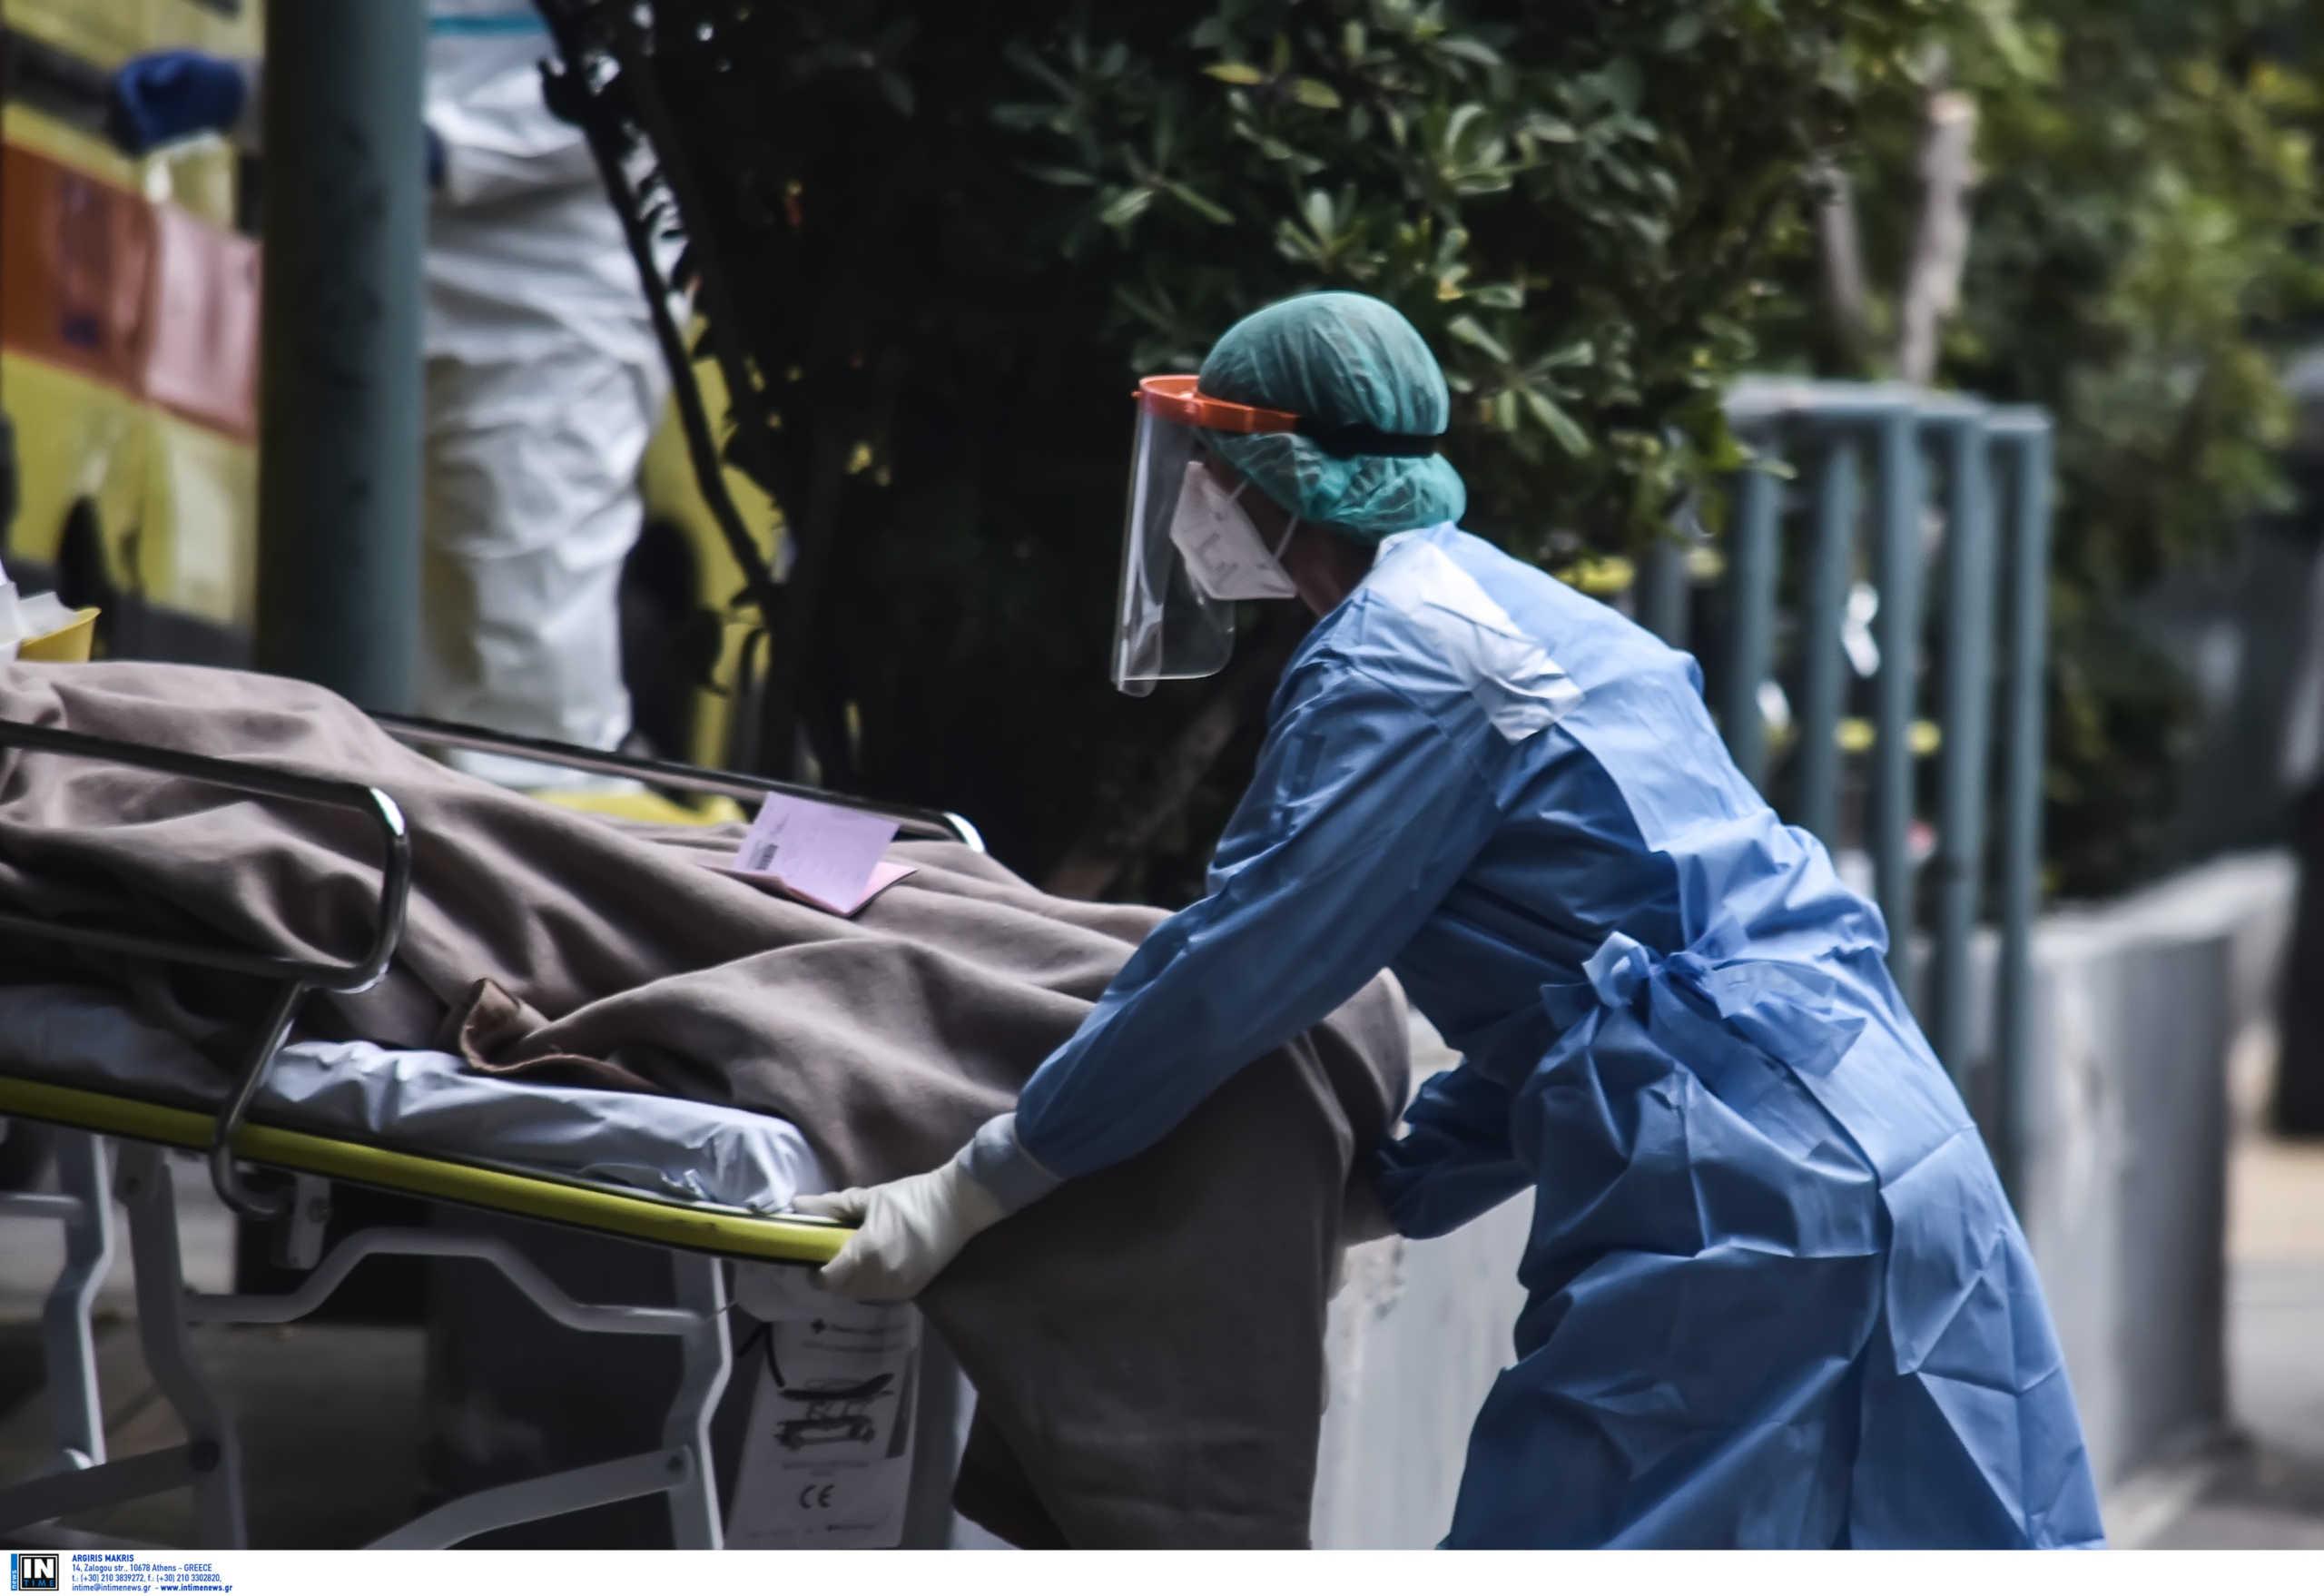 δυο κλινικές επιτάσσονται στην Θεσσαλονίκη για 15 ημέρες